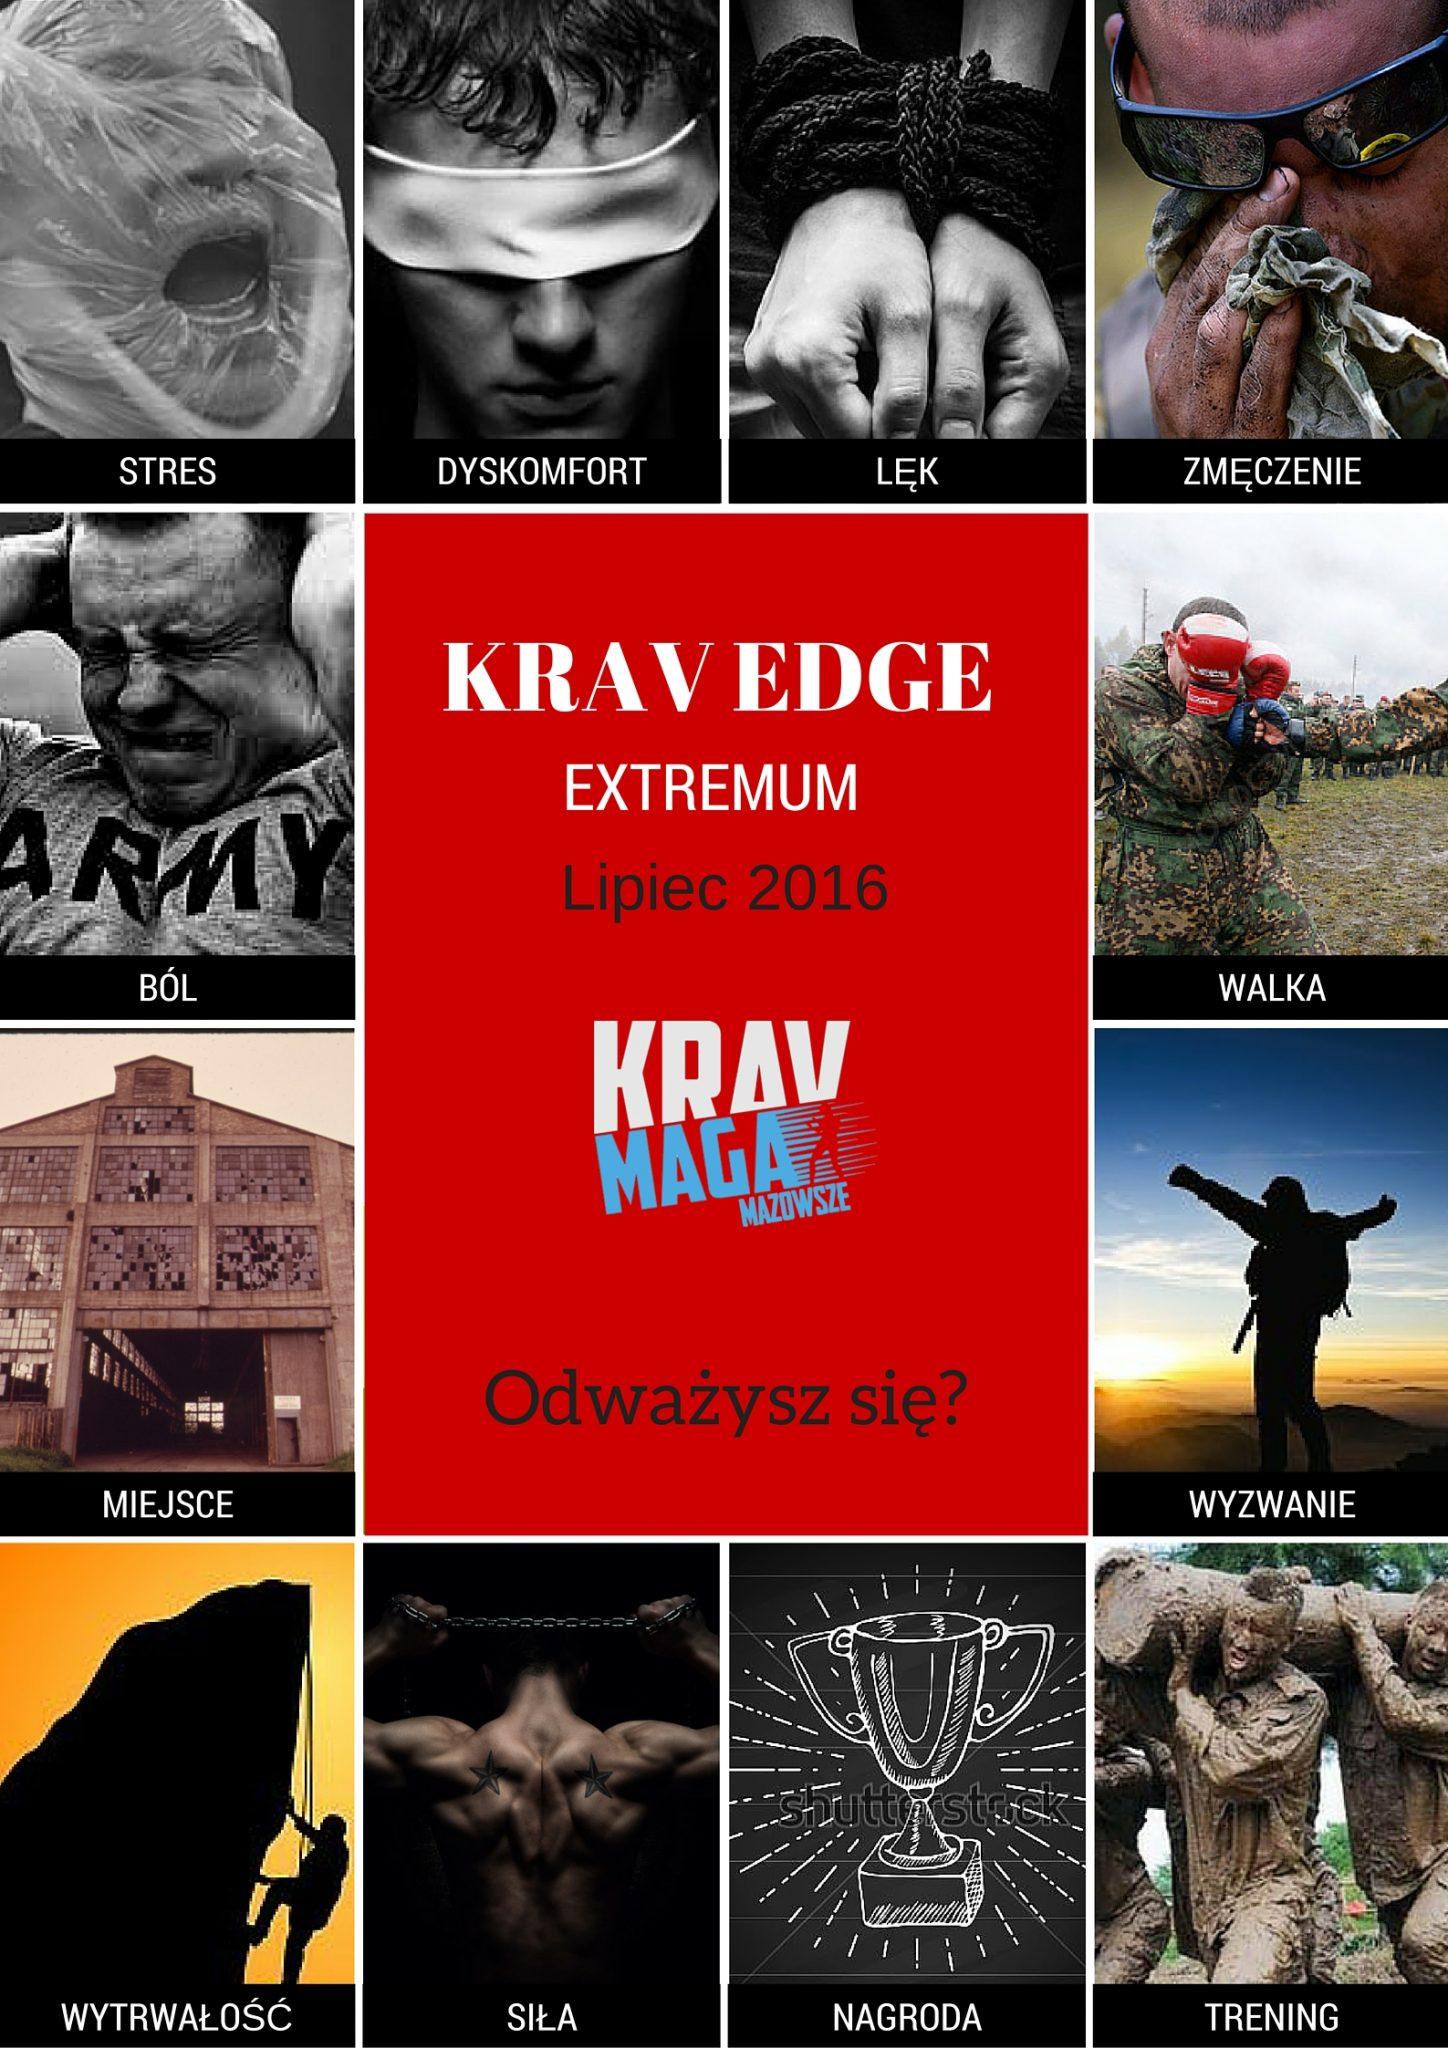 Krav Edge